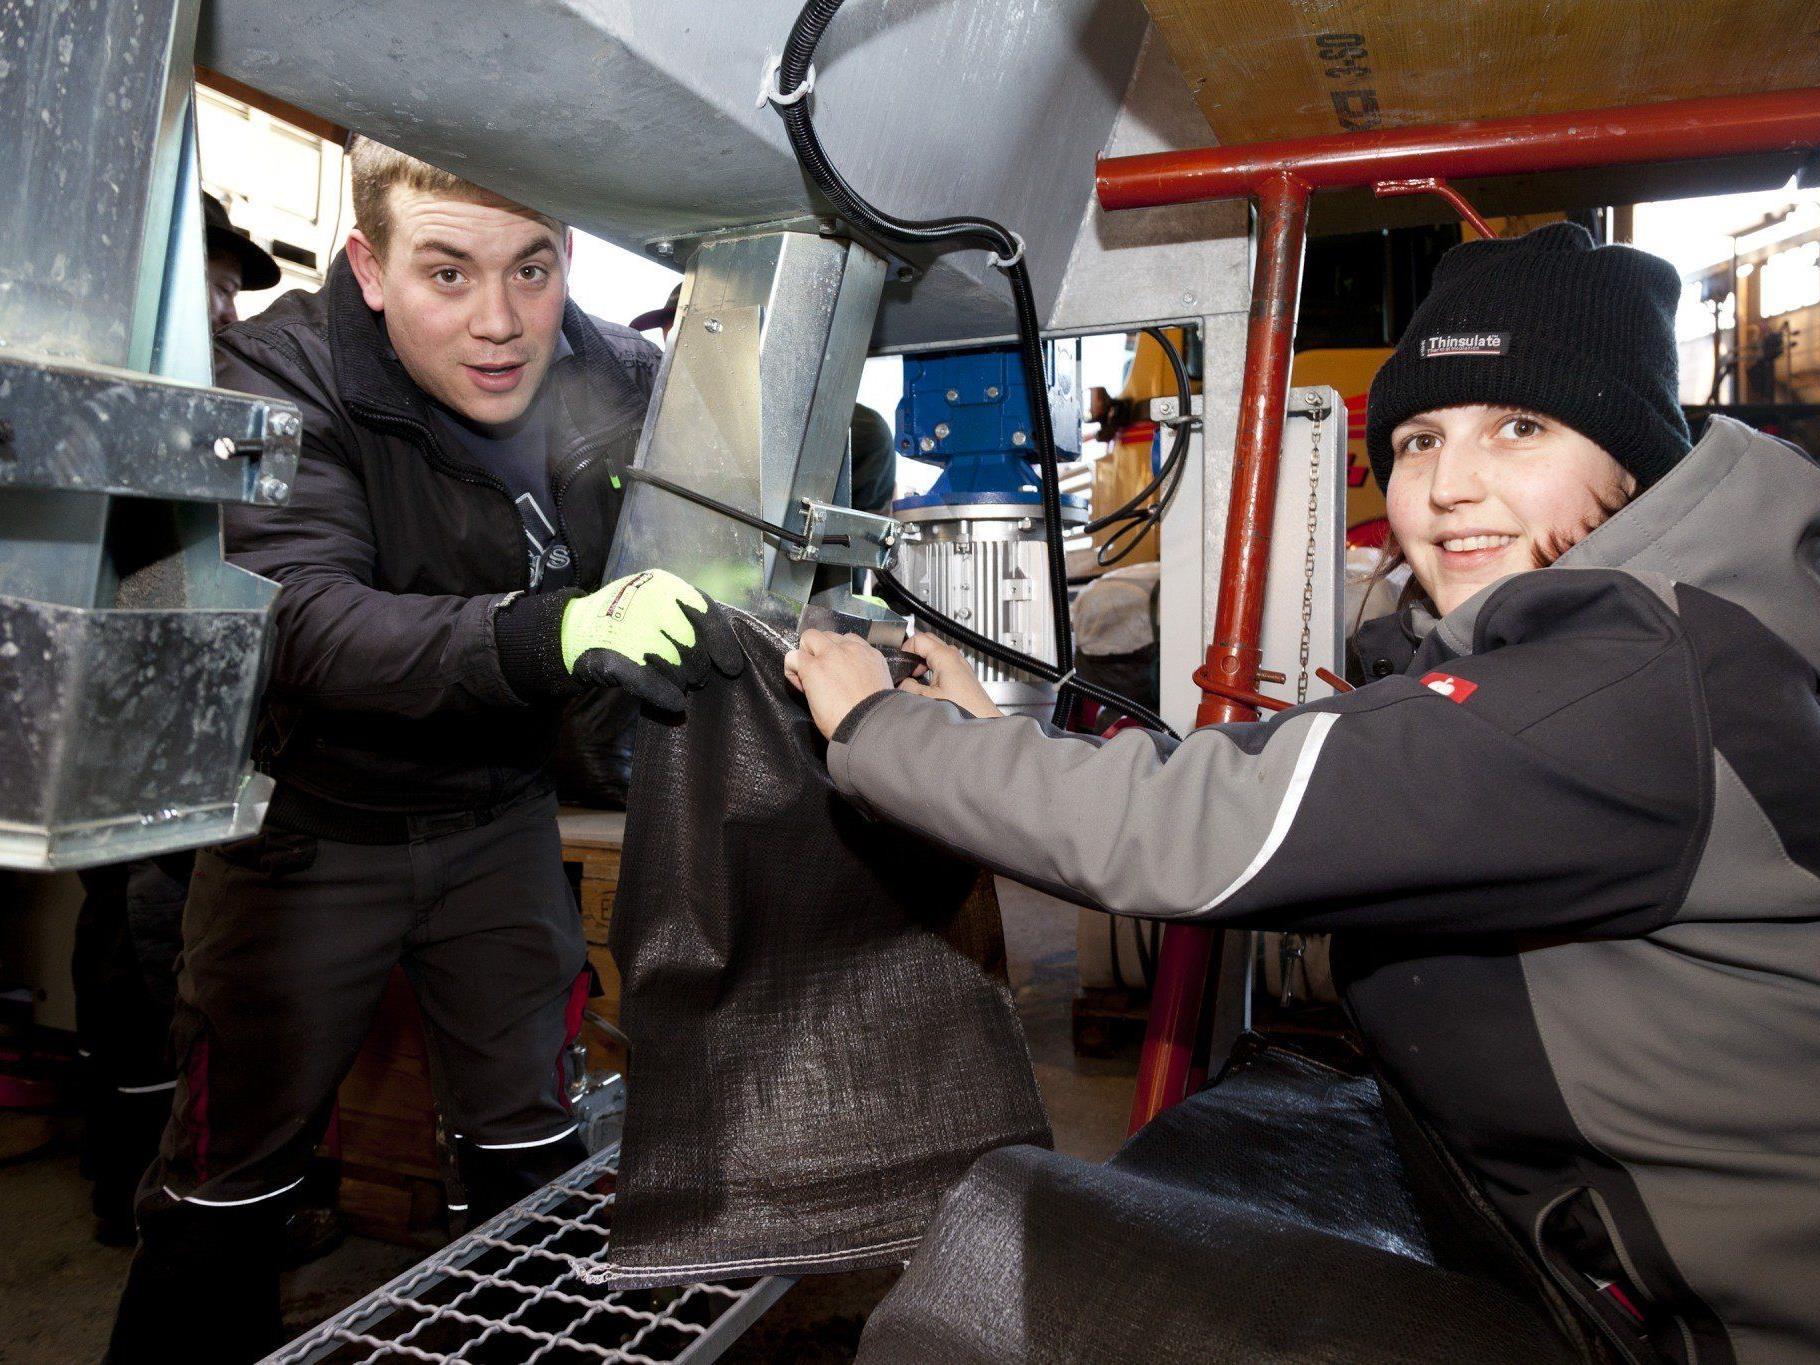 Sandsack-Aktion beim Feuerwehrverband für mögliche Hochwassereinsätze.